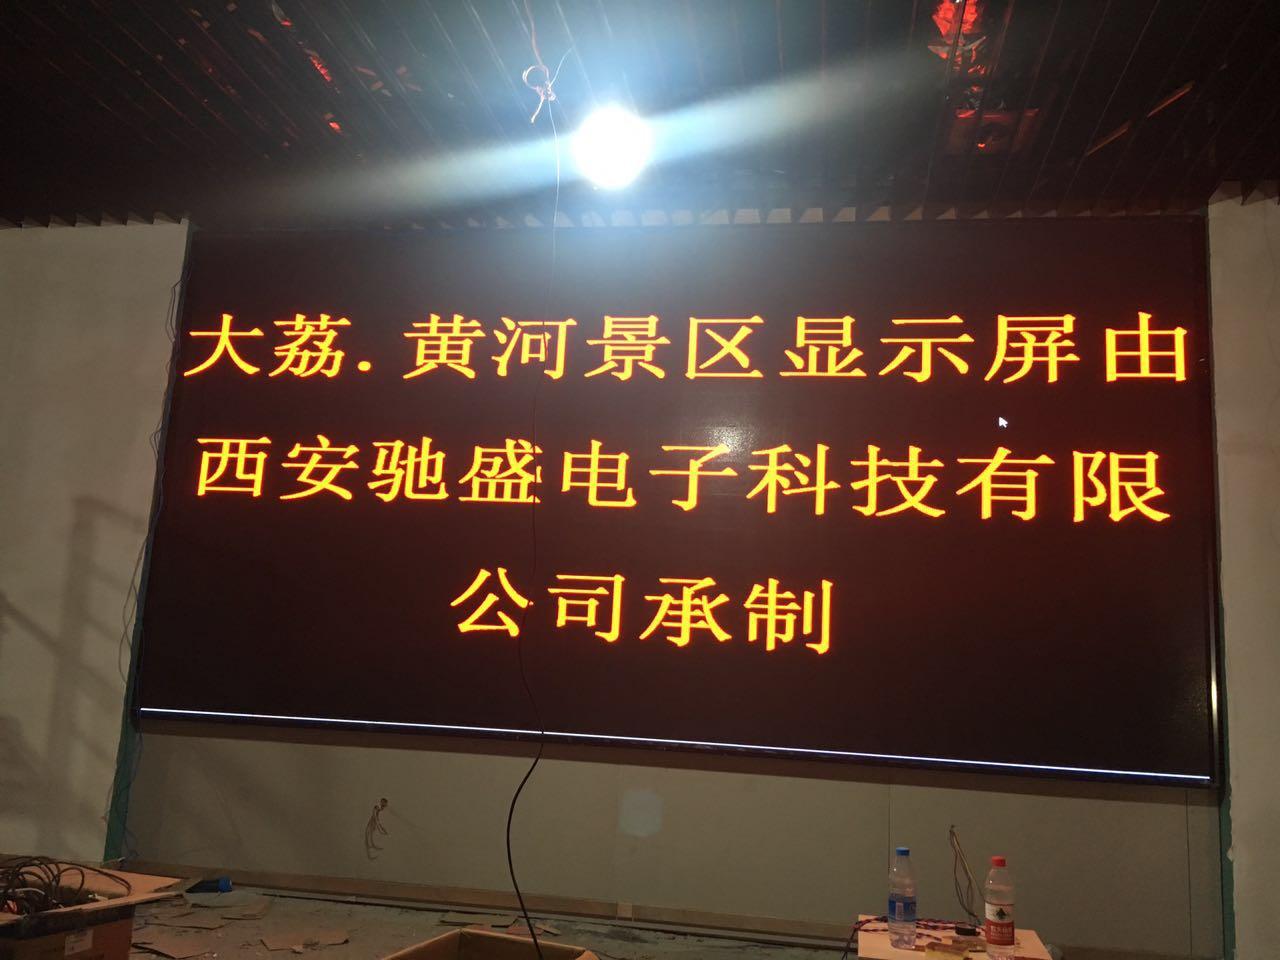 室内表贴LED全彩大屏幕制作维修租赁服务